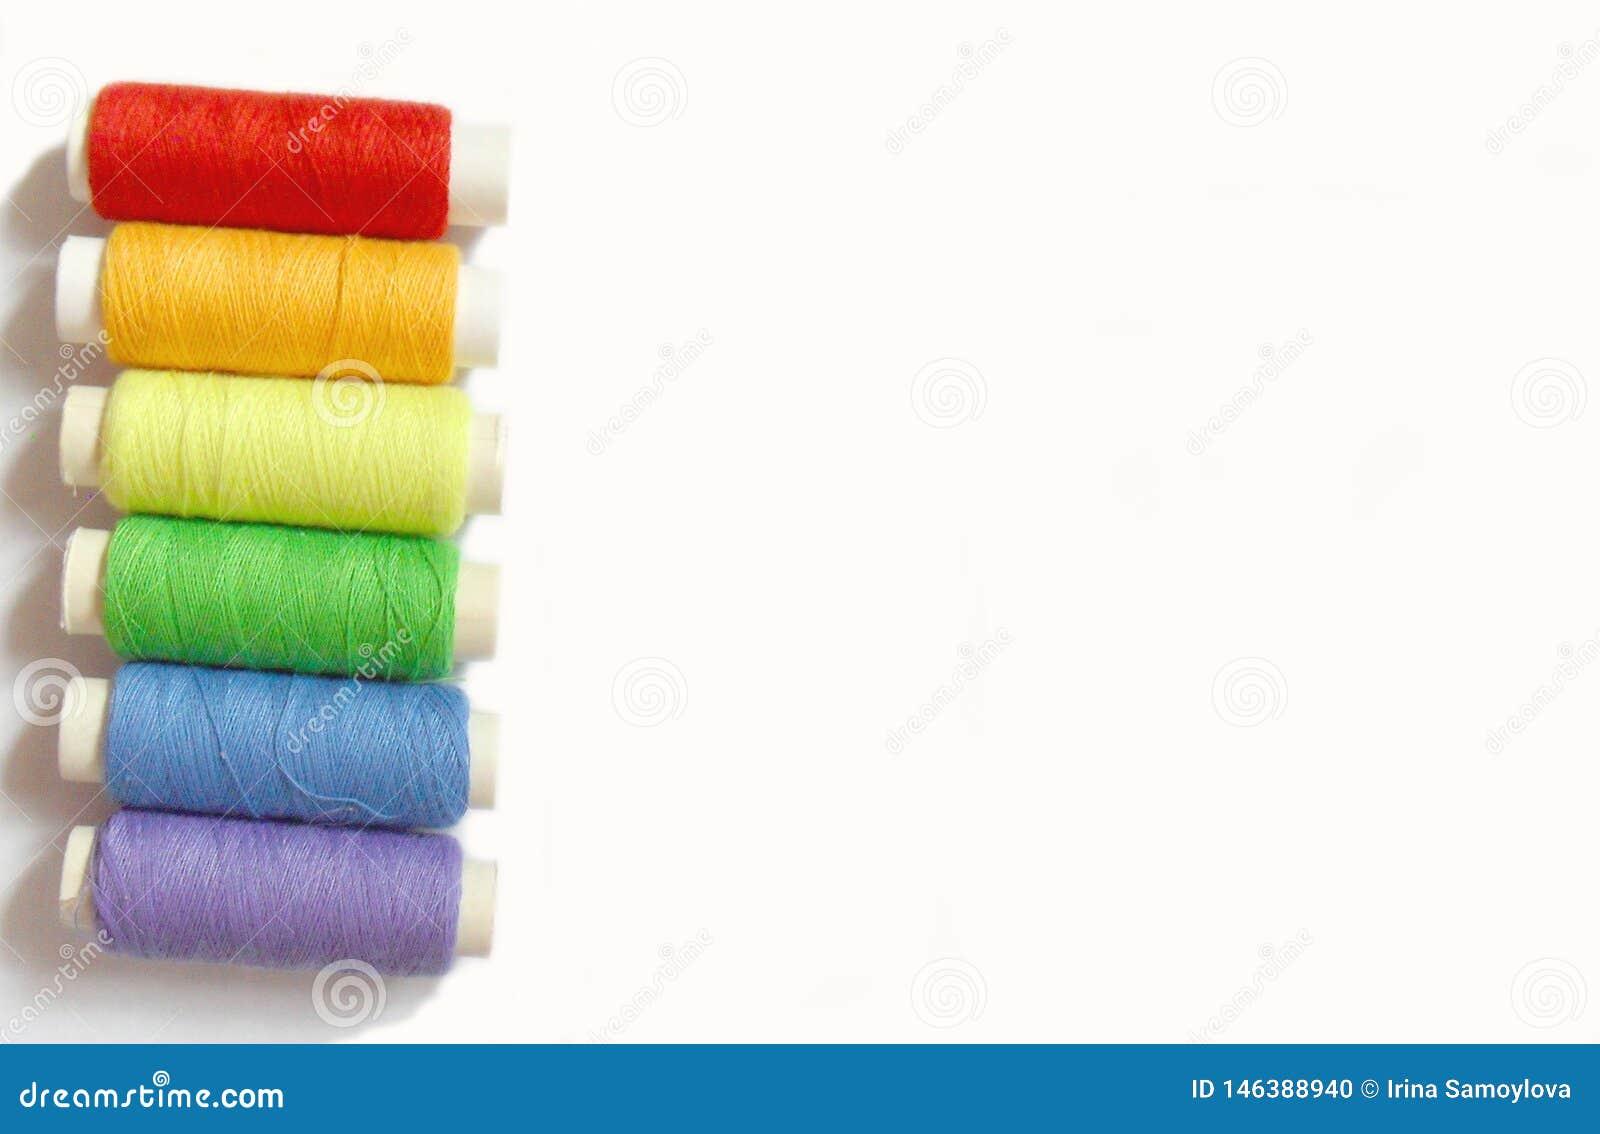 Bunte Spulen lokalisiert auf wei?em Hintergrund, Regenbogenfarben